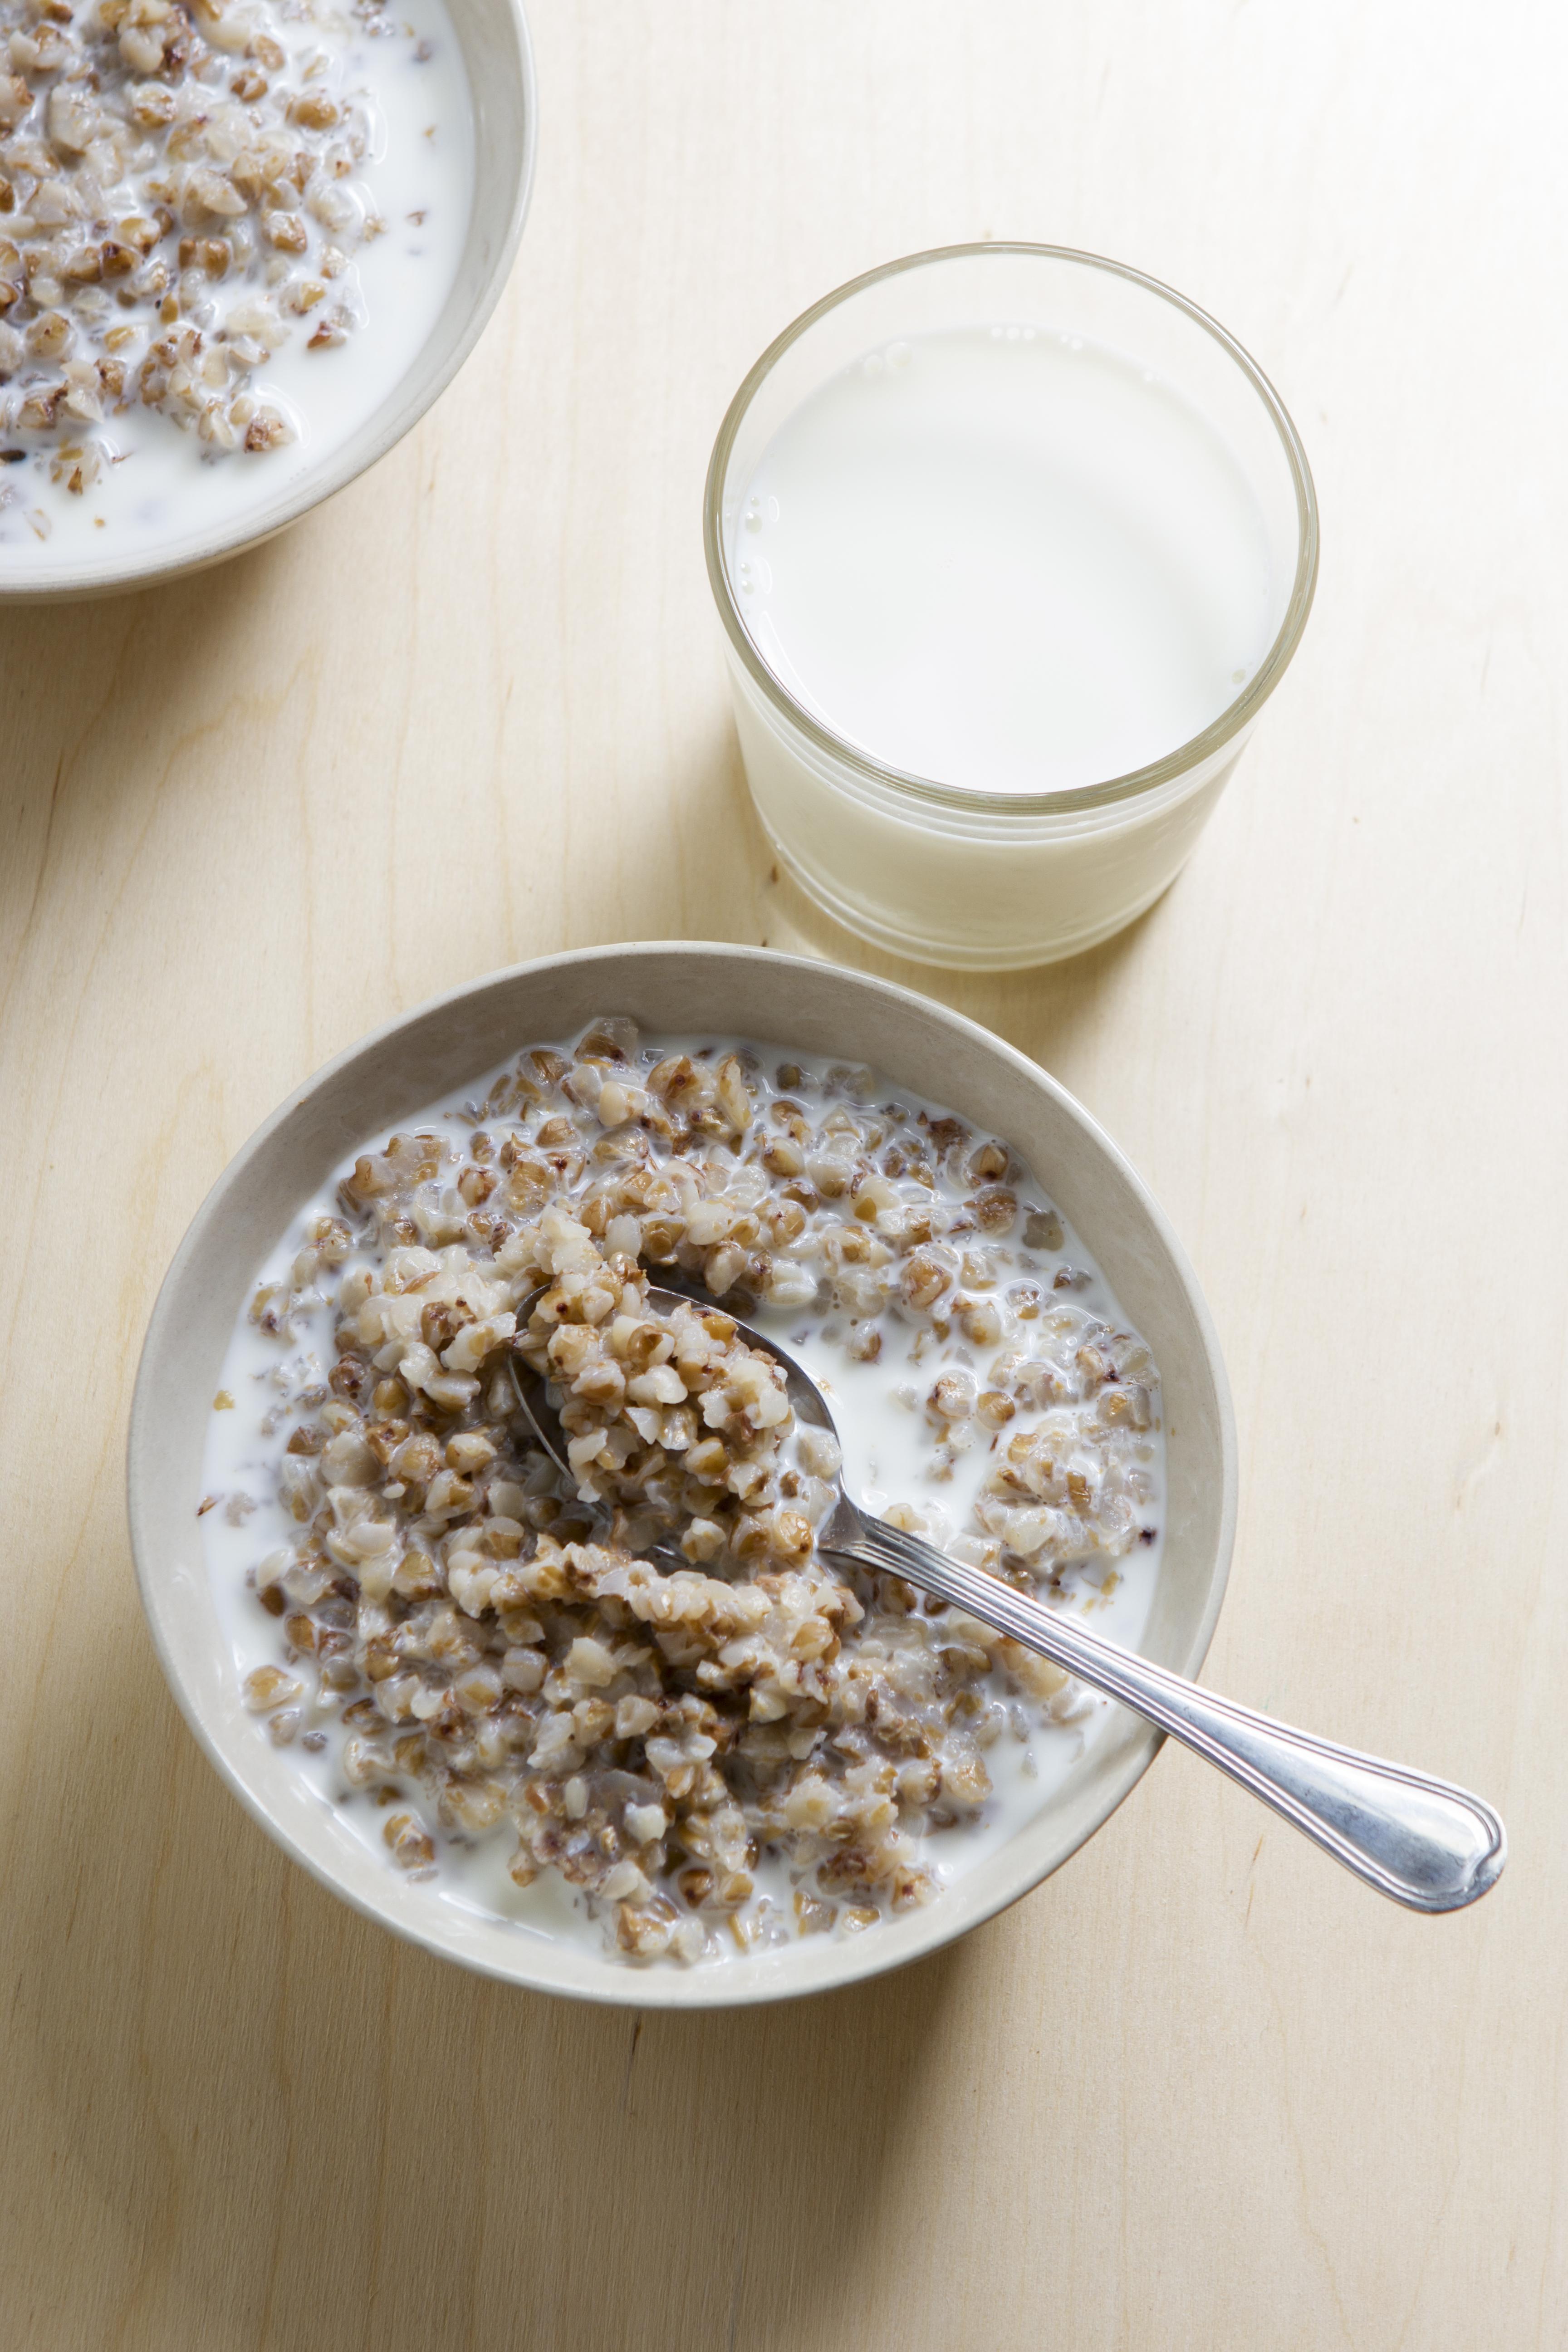 Диета Гречка Замоченная Кефиром На. Чем полезно употребление по утрам сырой гречки с кефиром натощак